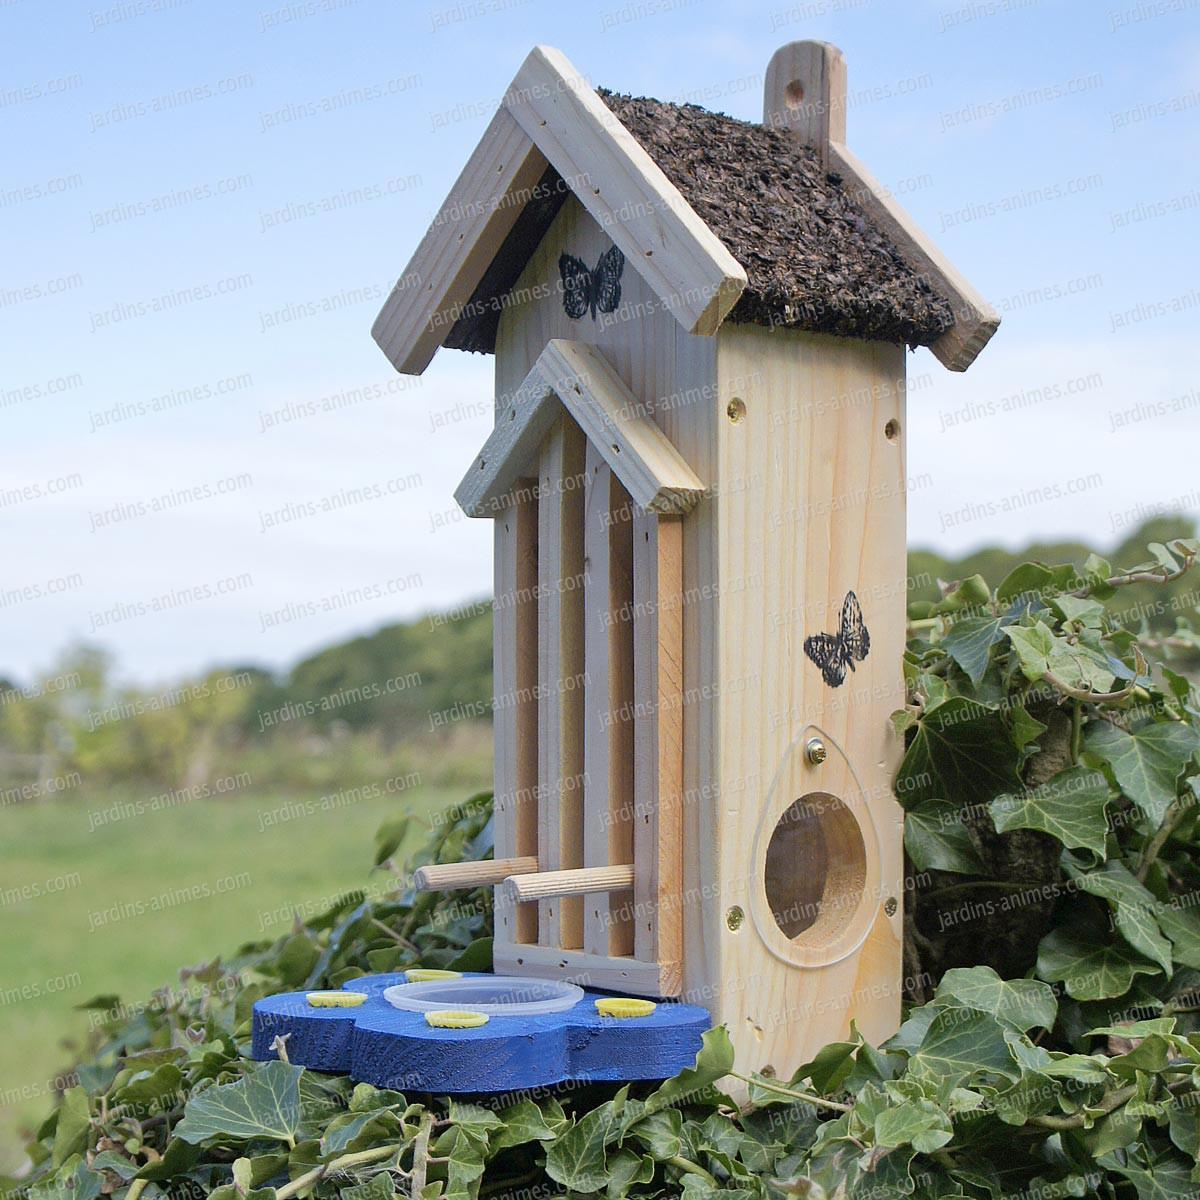 Maison papillon fsc maisons abris animaux - Maison a insectes fabrication ...